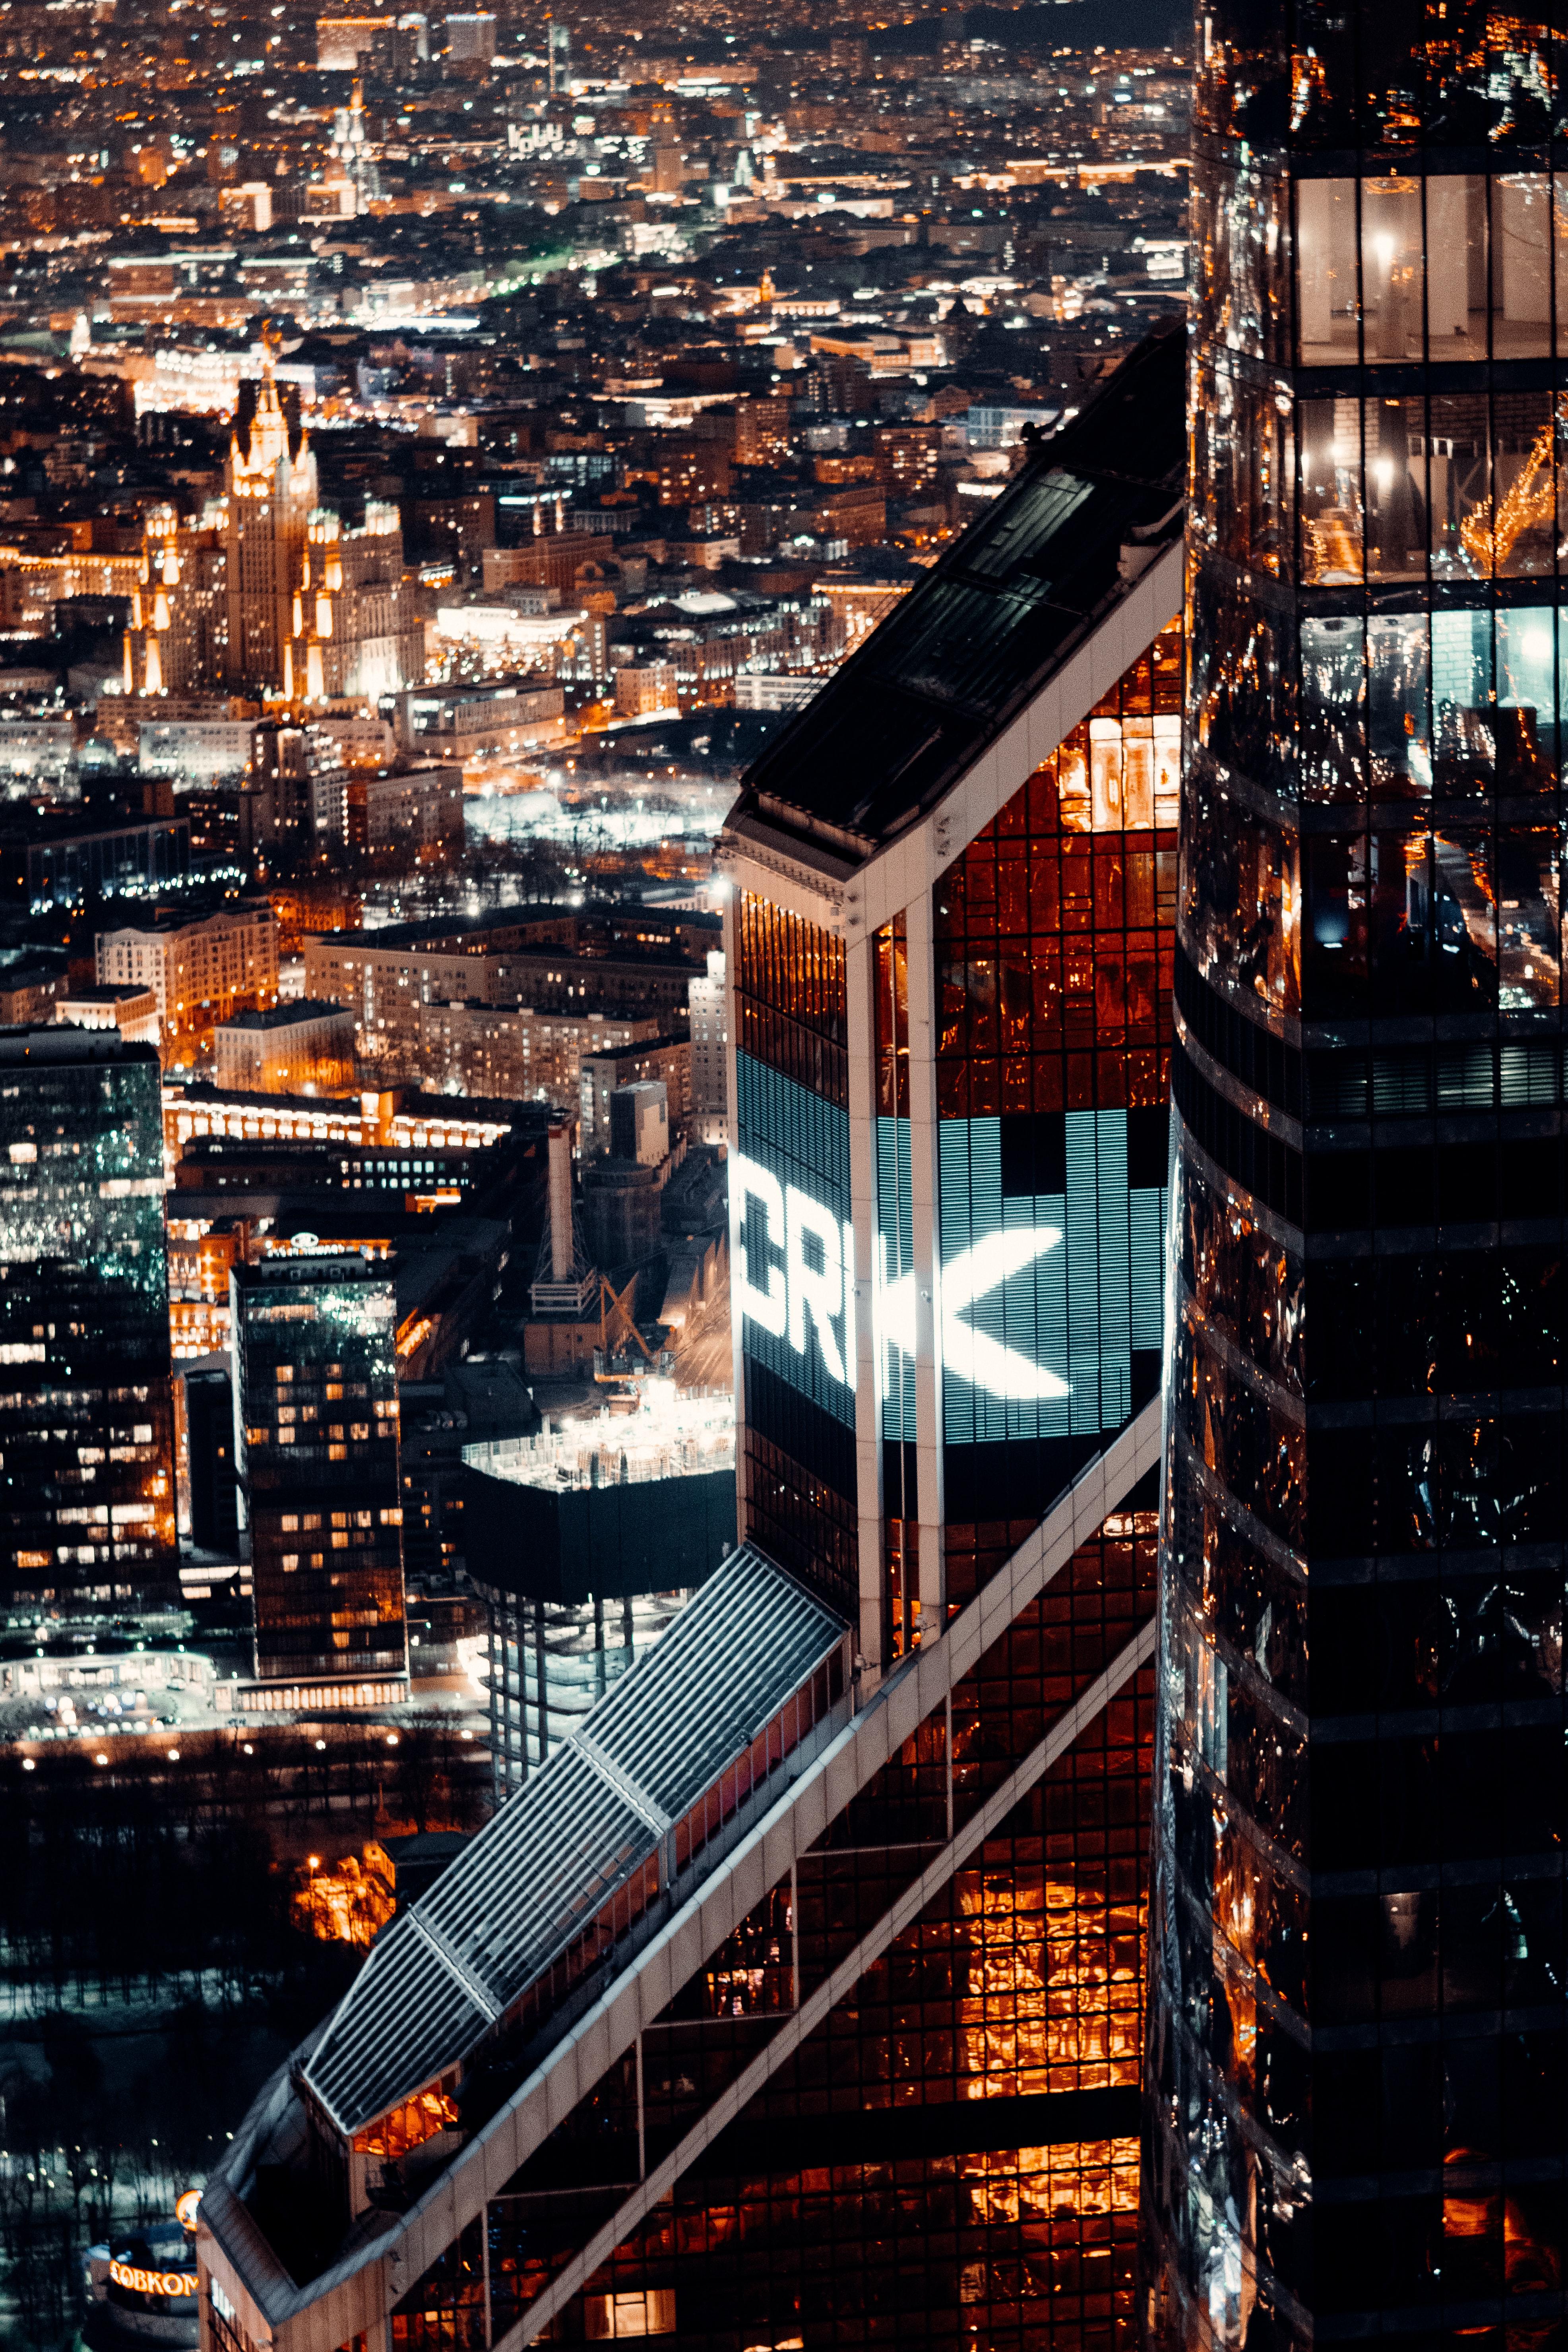 115130 скачать обои Москва, Города, Архитектура, Город, Здания, Вид Сверху, Мегаполис, Россия - заставки и картинки бесплатно